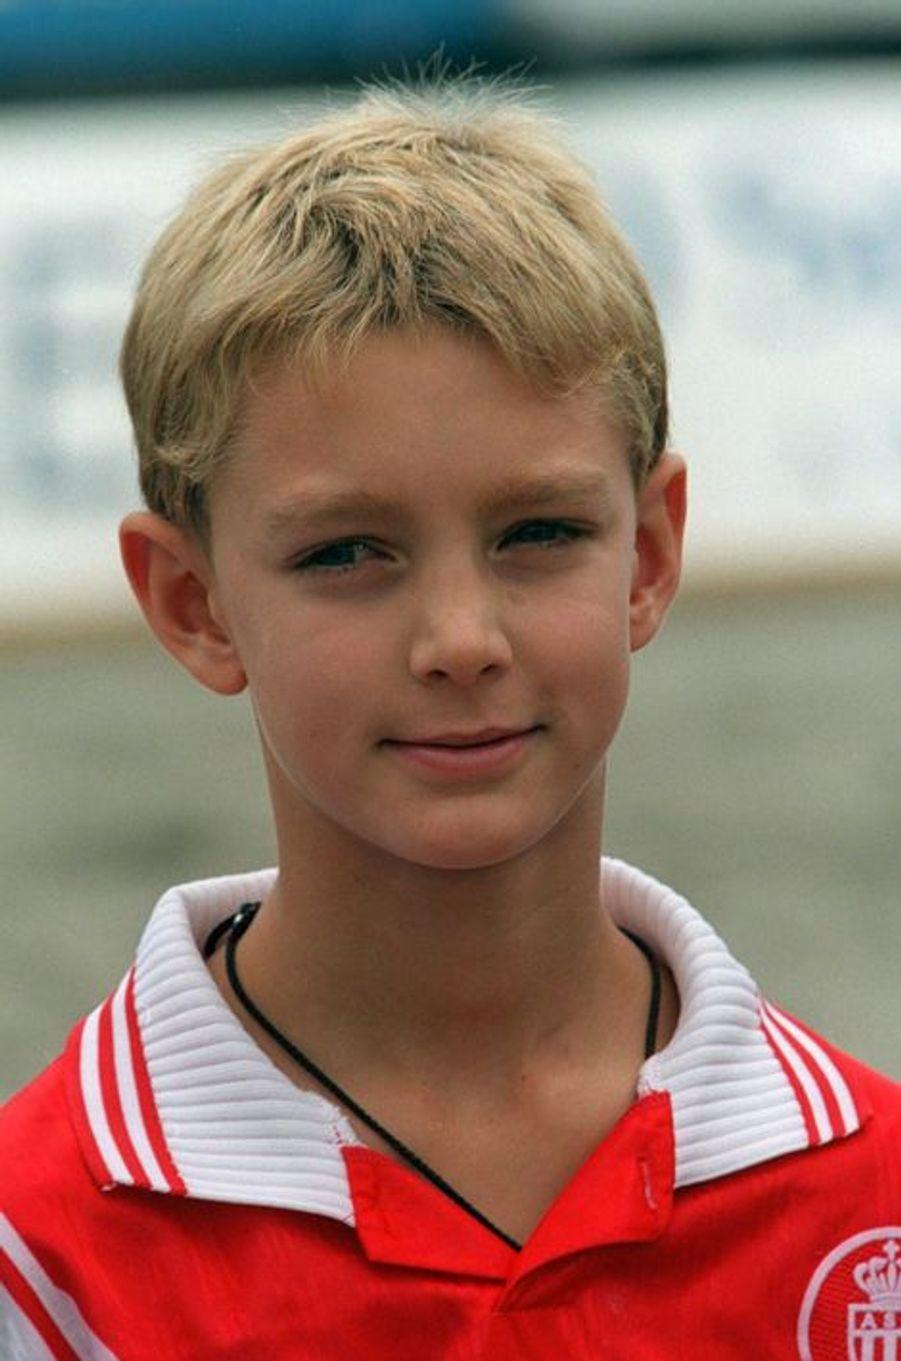 Pierre, à peine âgé de 9 ans, est déjà un grand passionné de football. 1998